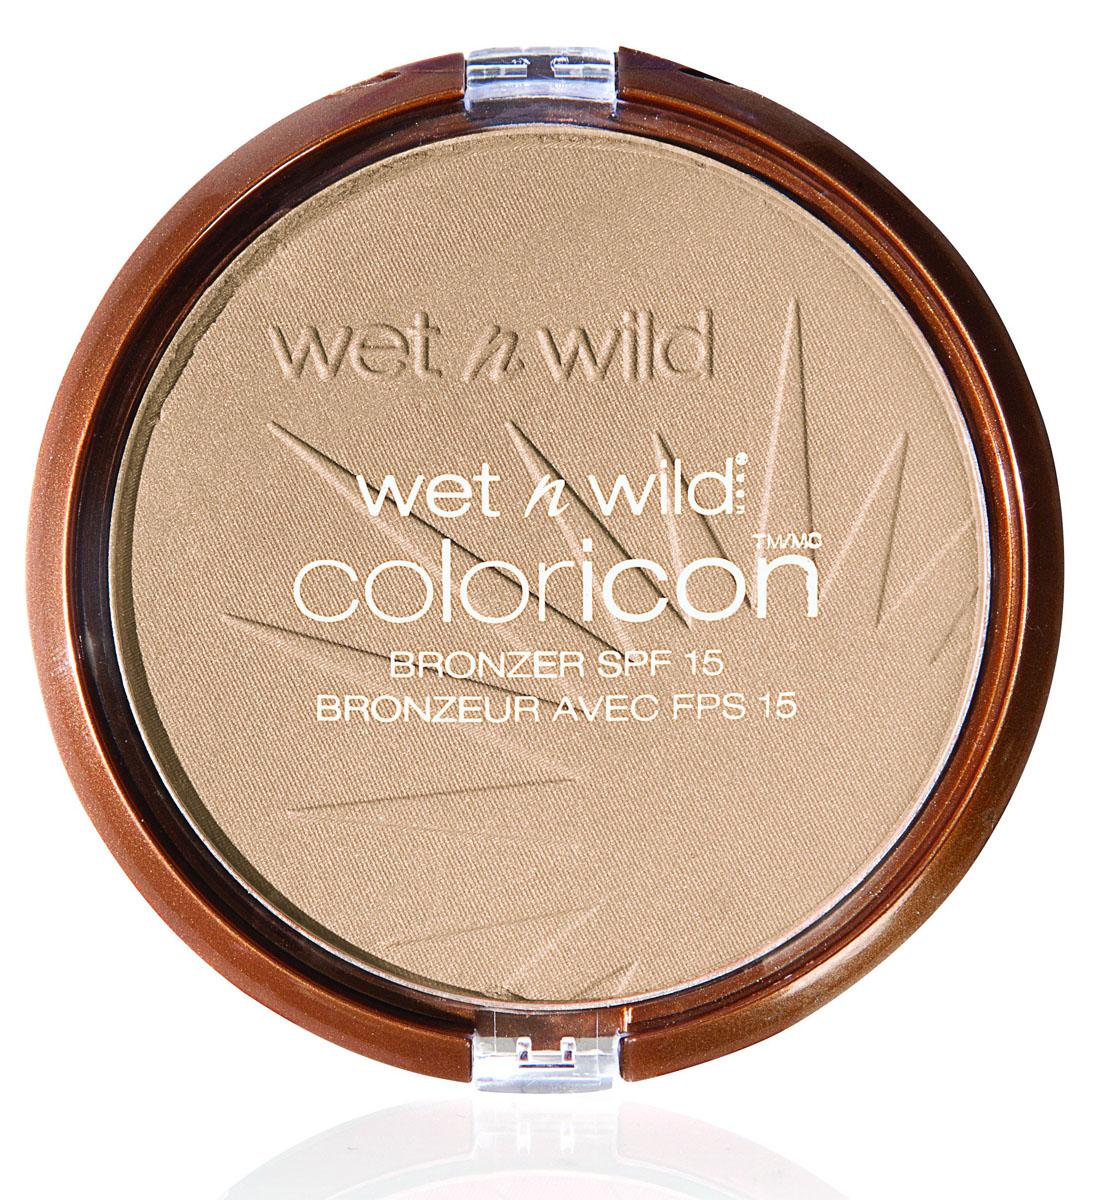 Wet n Wild Компактная Пудра Для Лица Бронзатор Color Icon Bronzer reserve your cabana 13 грE7431Компактная пудра с эффектом натурального загара. Нежная текстура пудры обеспечивает легкое и быстрое нанесение, равномерное распределение на коже и потрясающий натуральный эффект. Используется для создания эффекта натурального загара на коже лица и области декольте. Прикосновение шелковистой текстуры пудры к лицу сравнимо с нежным поцелуем солнца: легко и невесомо она ложится на кожу, создавая идеально равномерный тон. Солнечный фильтр SPF* 15 защищает от солнечных лучей и прочих агрессивных факторов. Продукт прошел дерматологический контроль.